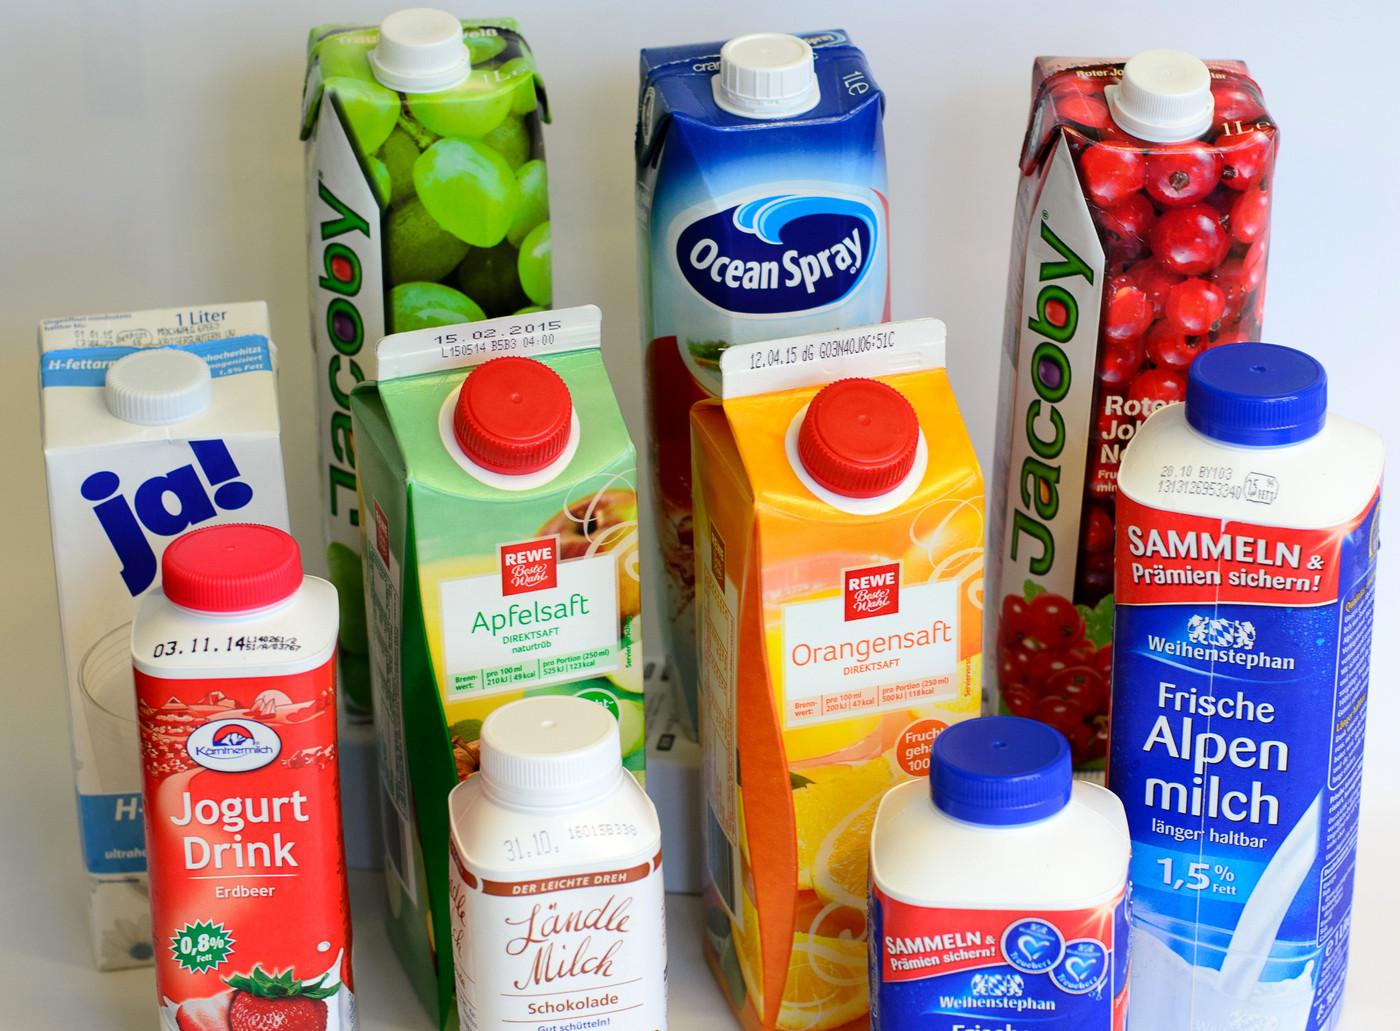 Deutsche Umwelthilfe e.V.: Getränkekartons - Verpackung mit falschem Image